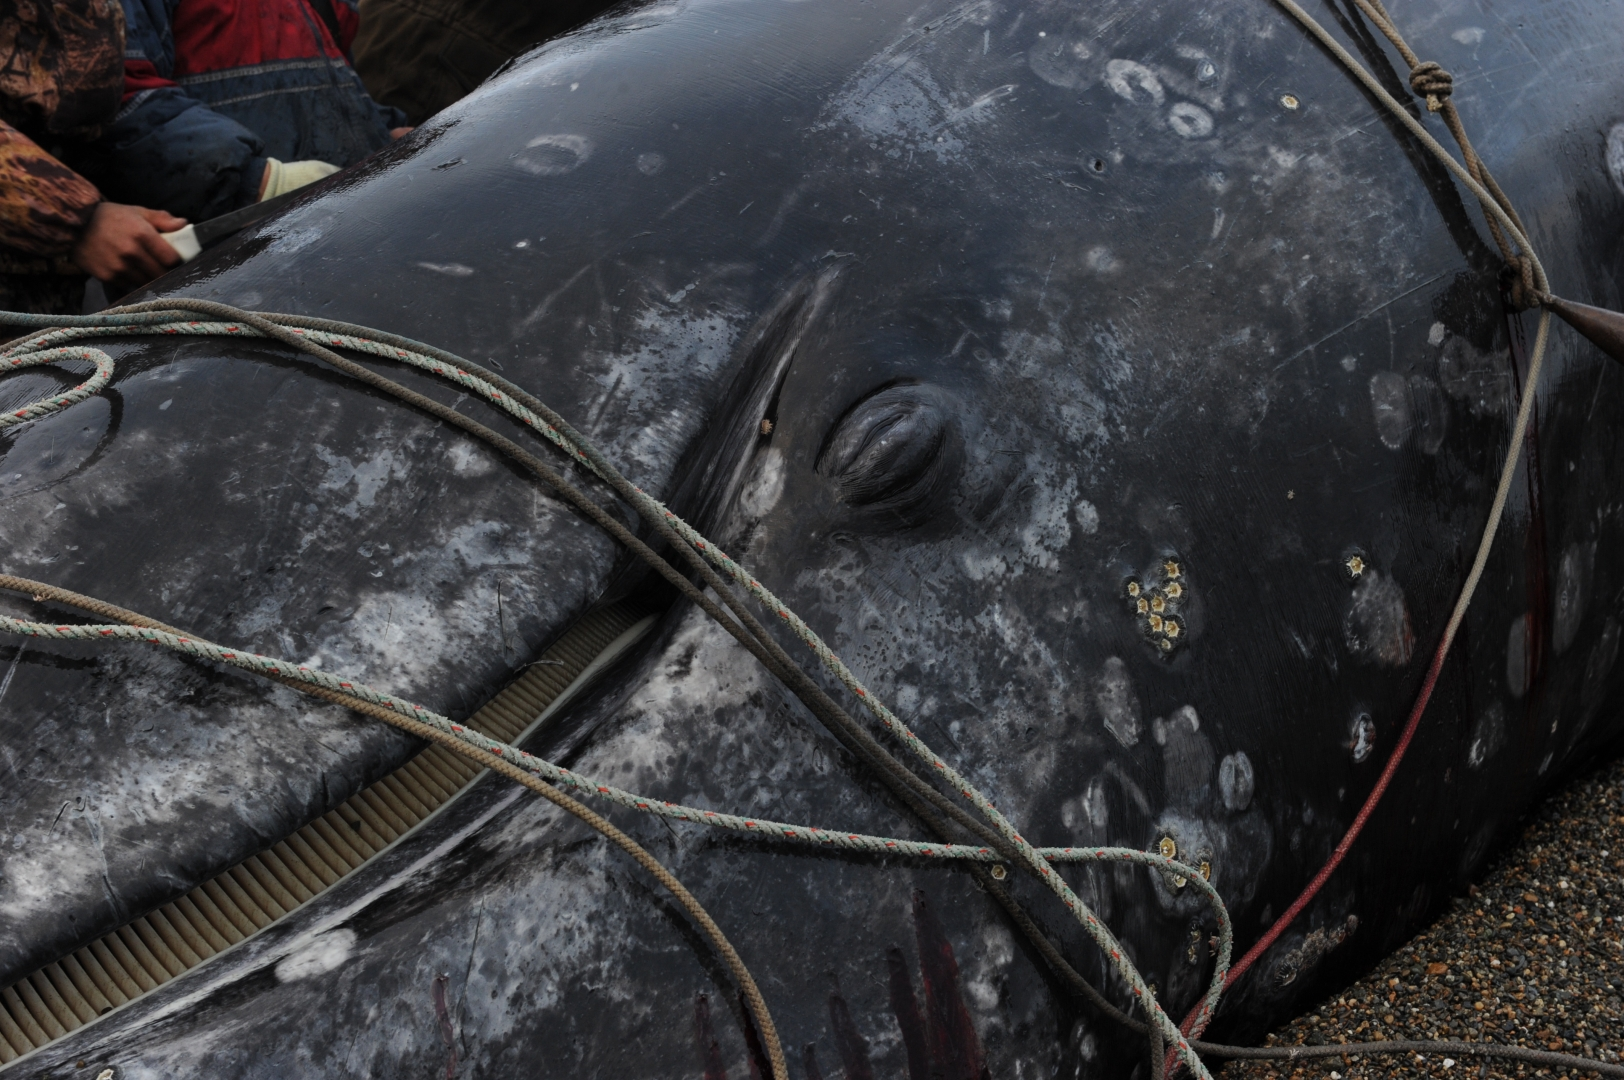 Фрагмент головы кита, опутанной веревкой, которую охотники использовали при буксировке кита в море